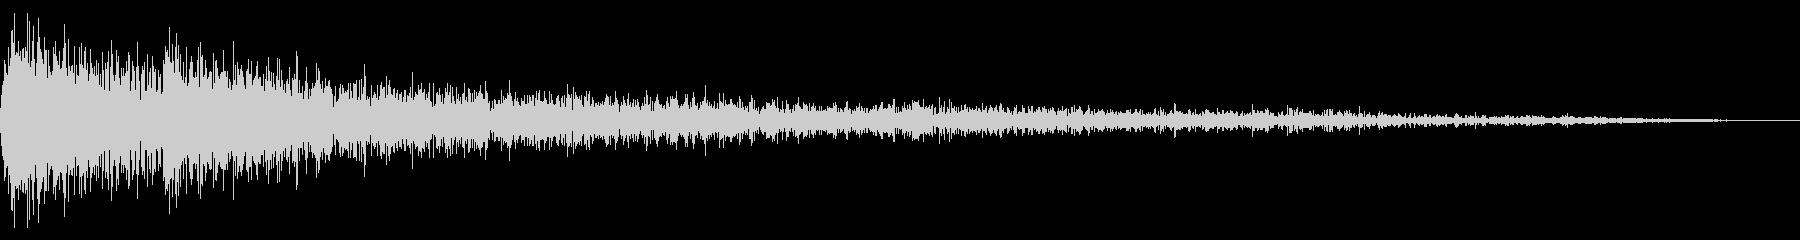 ガーンガーン ミステリアスなピアノの未再生の波形